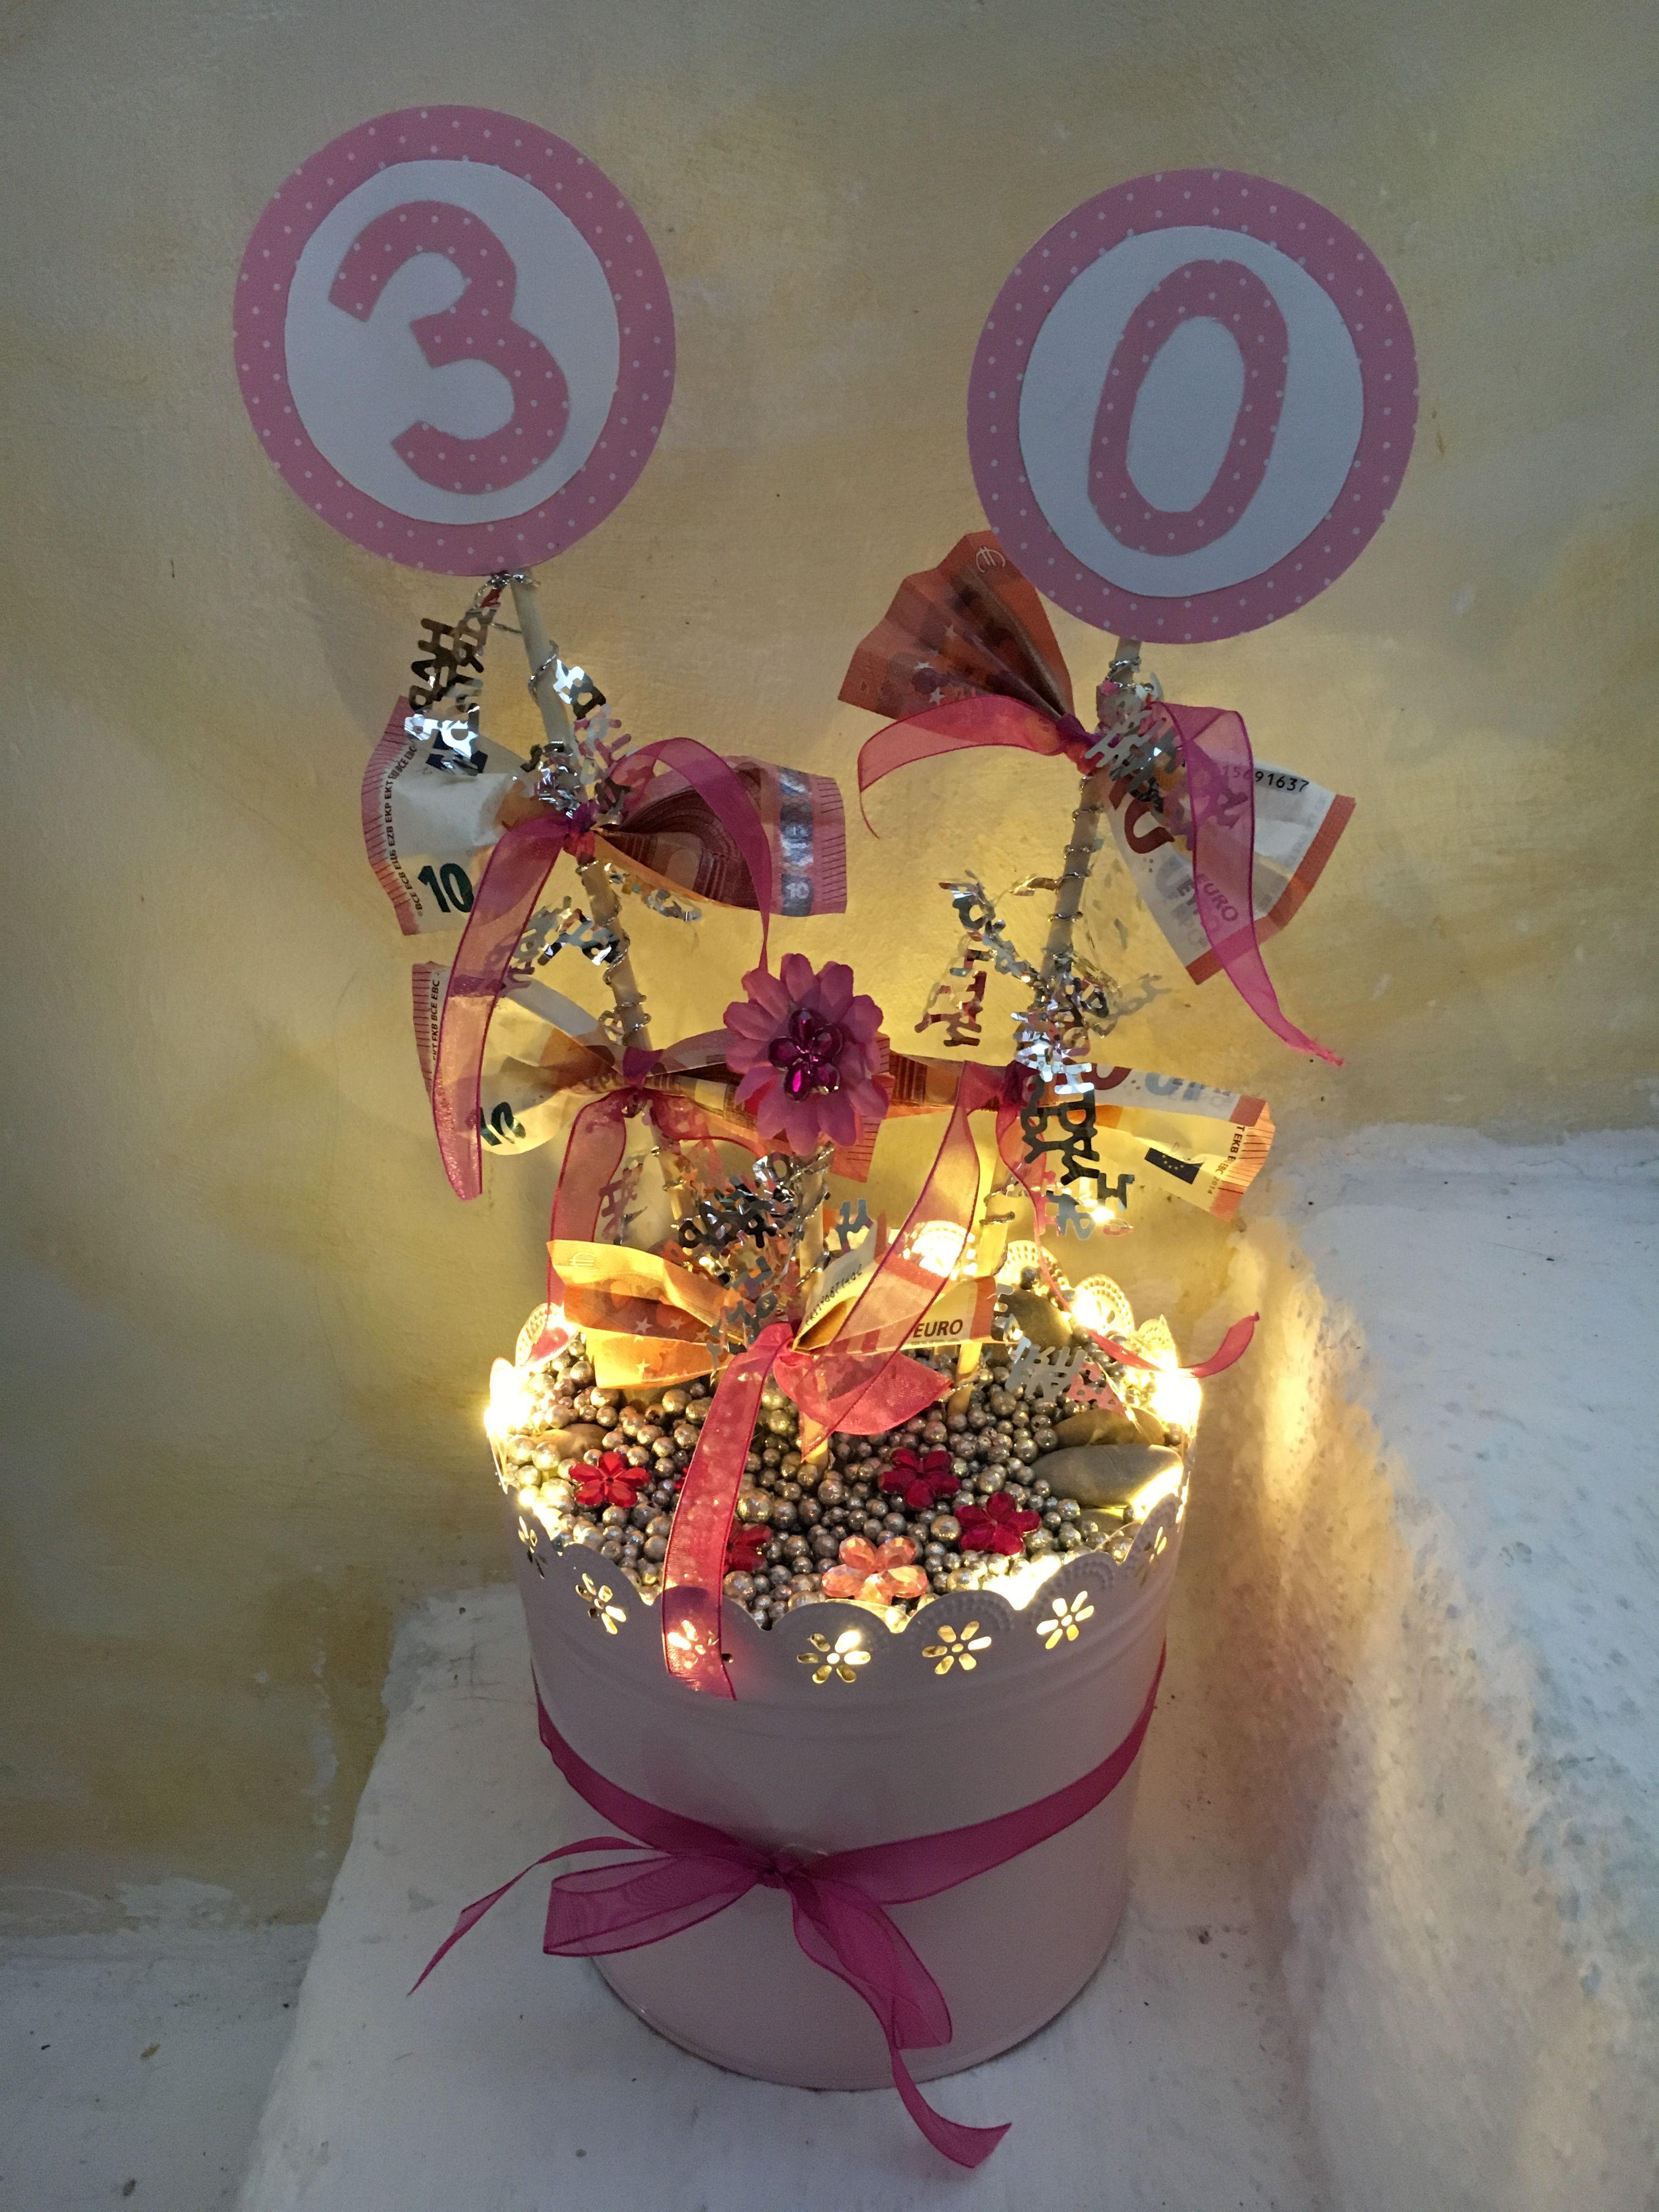 Geburtstag Geschenke Frau  Zum 30 Geburtstag Geschenke